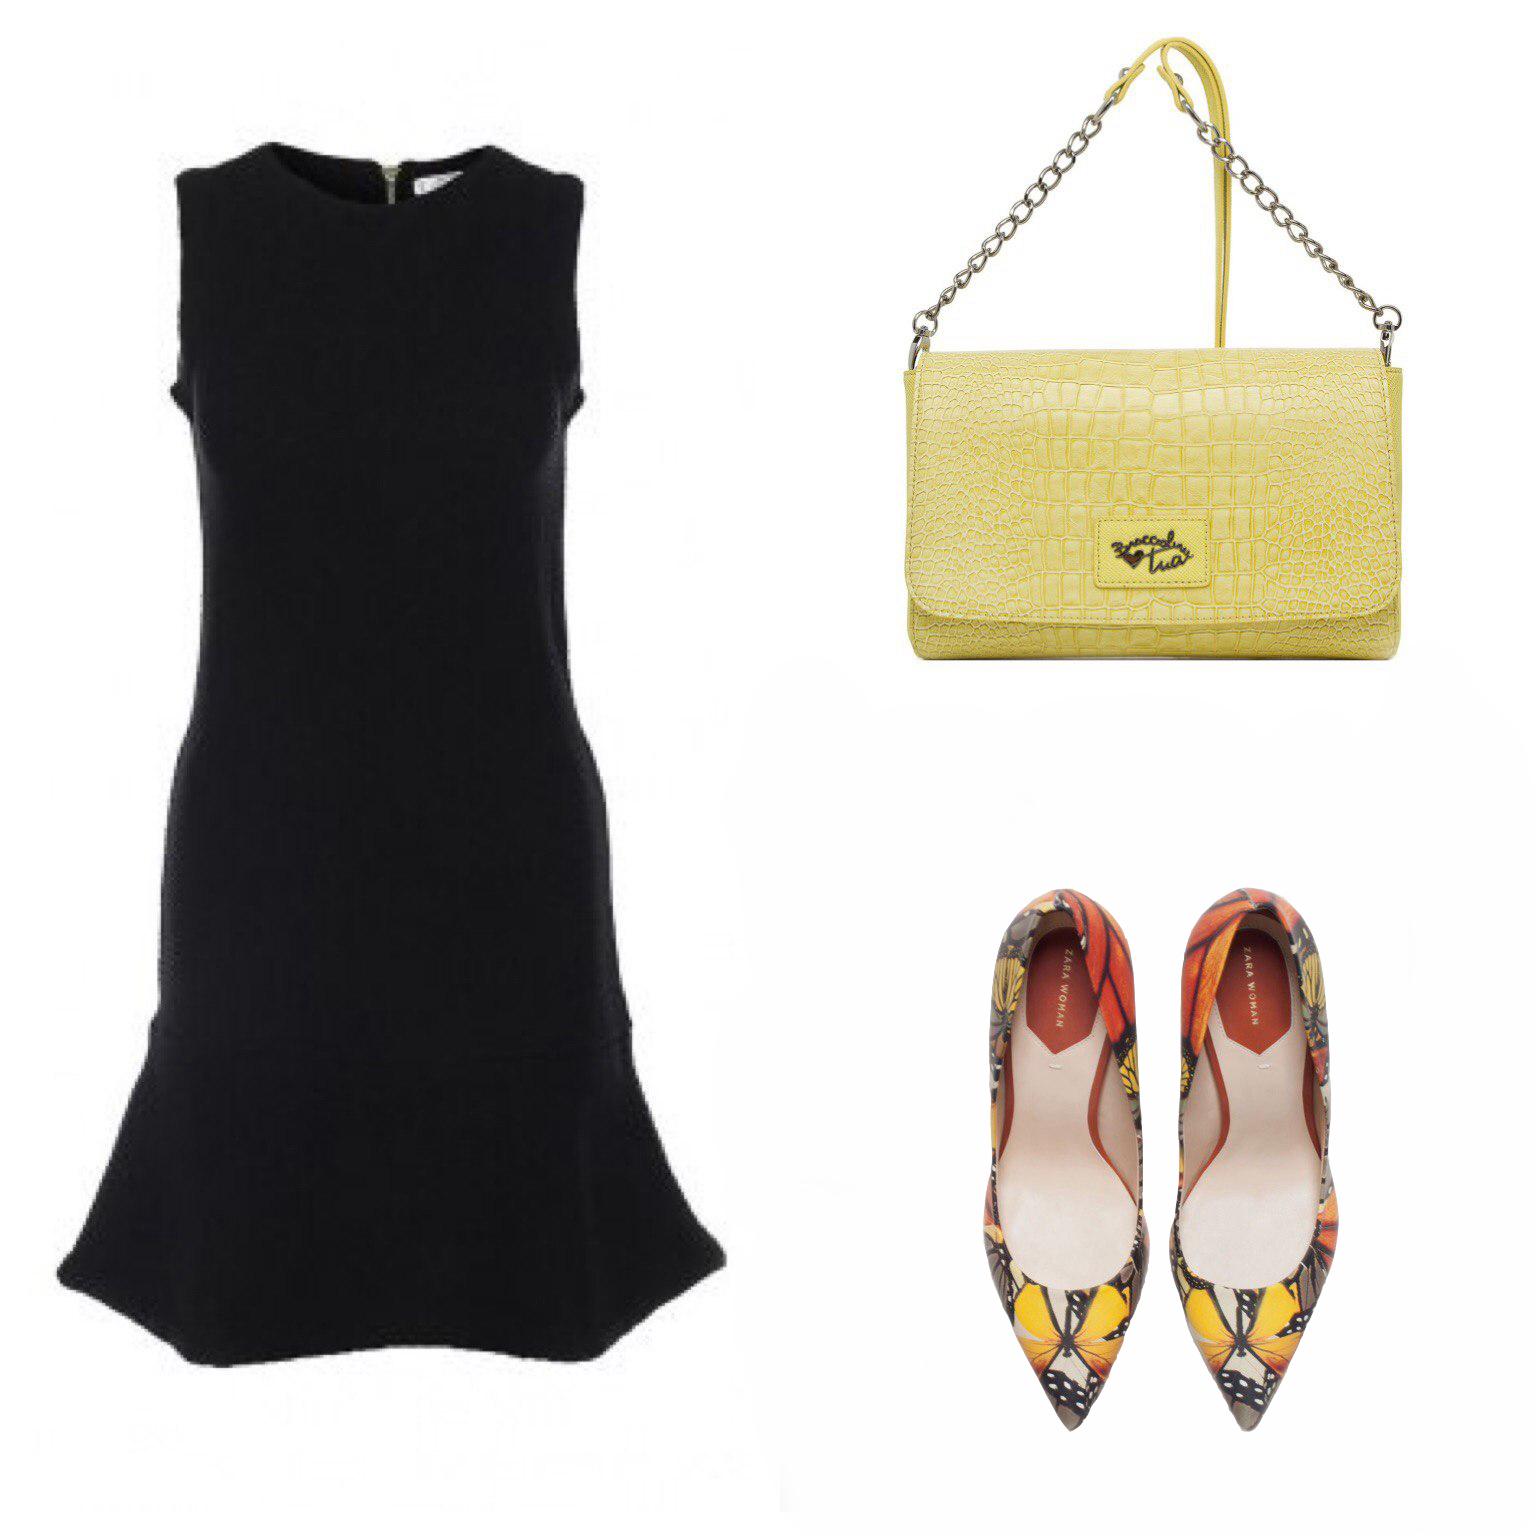 маленькое черное платье черное платье Маленькое. Черное. Твое. Выбираем совершенное черное платье 532